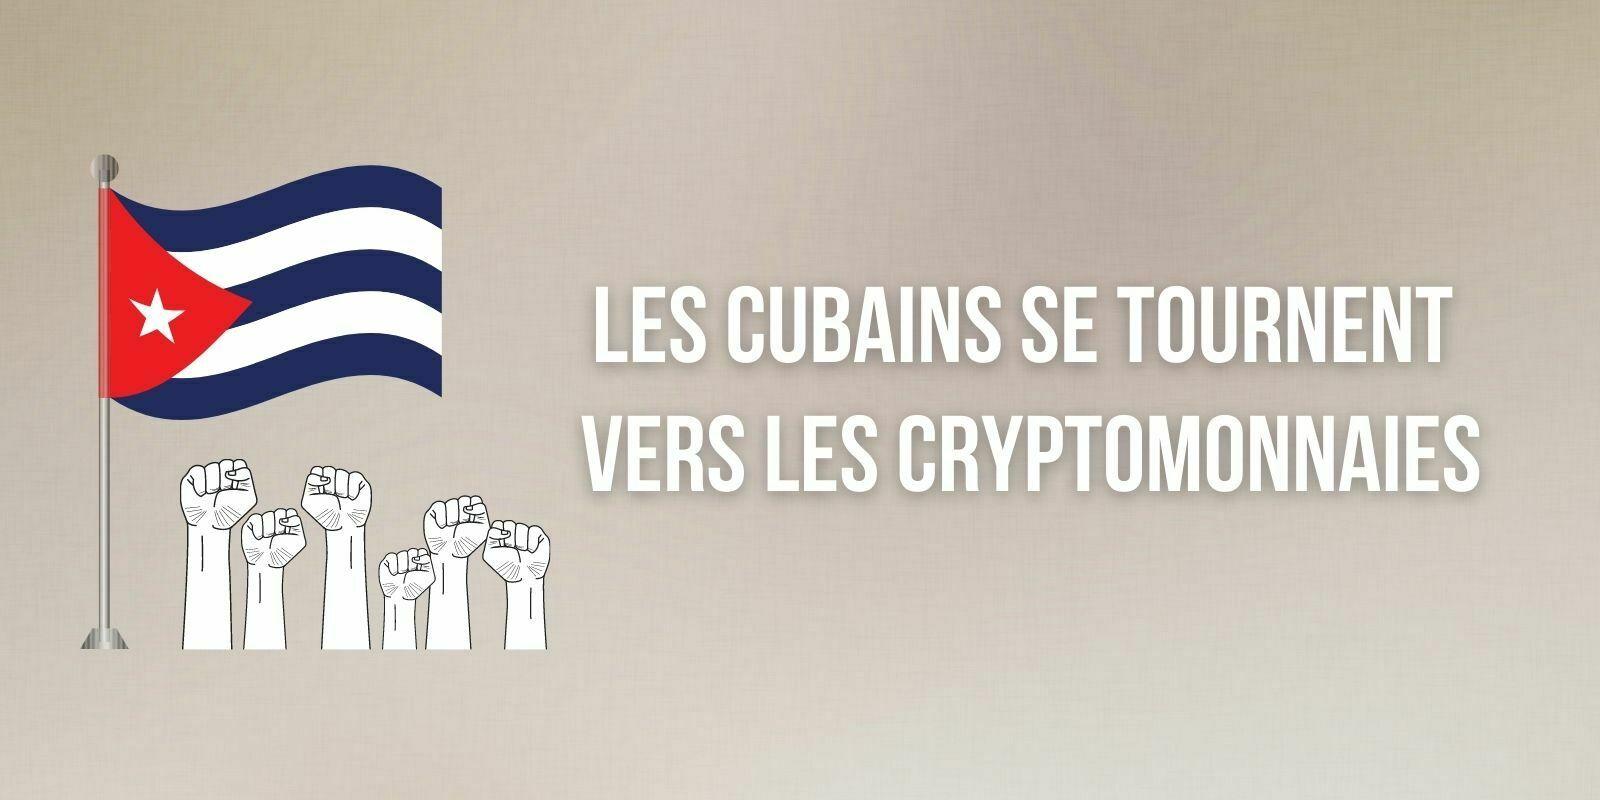 Les Cubains utilisent de plus en plus les cryptomonnaies sur fond de contestation du régime